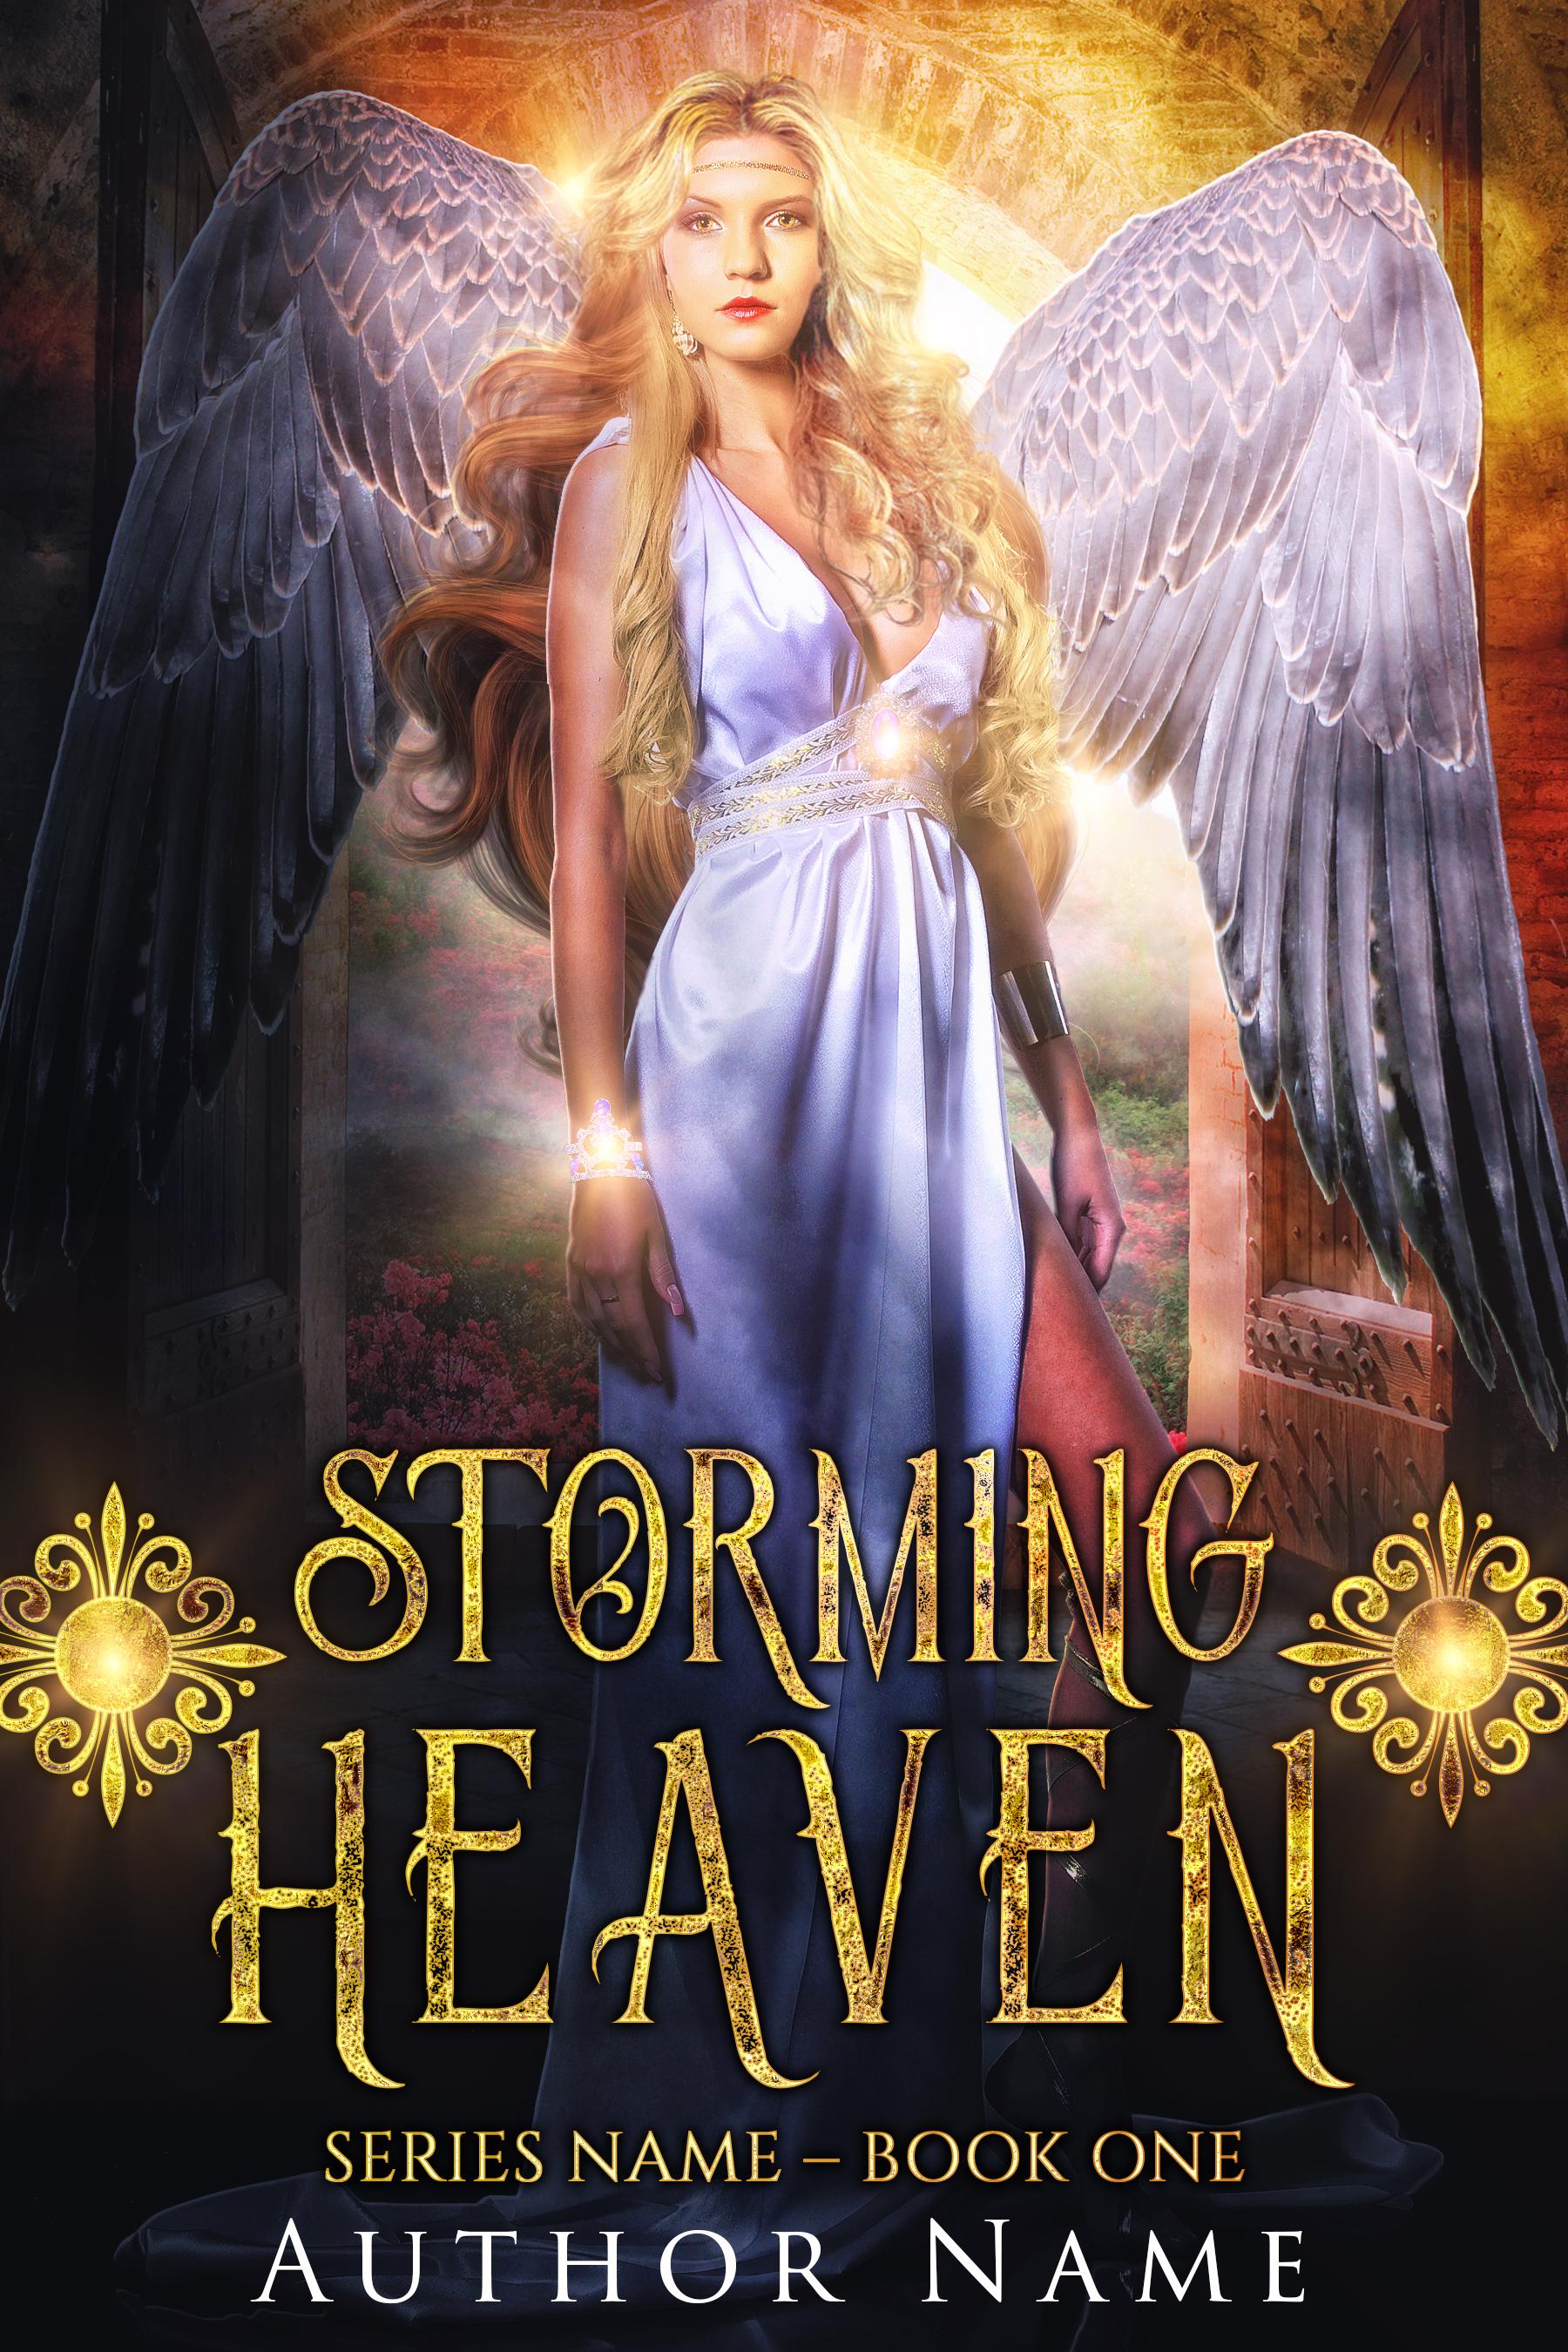 $150 - Storming Heaven